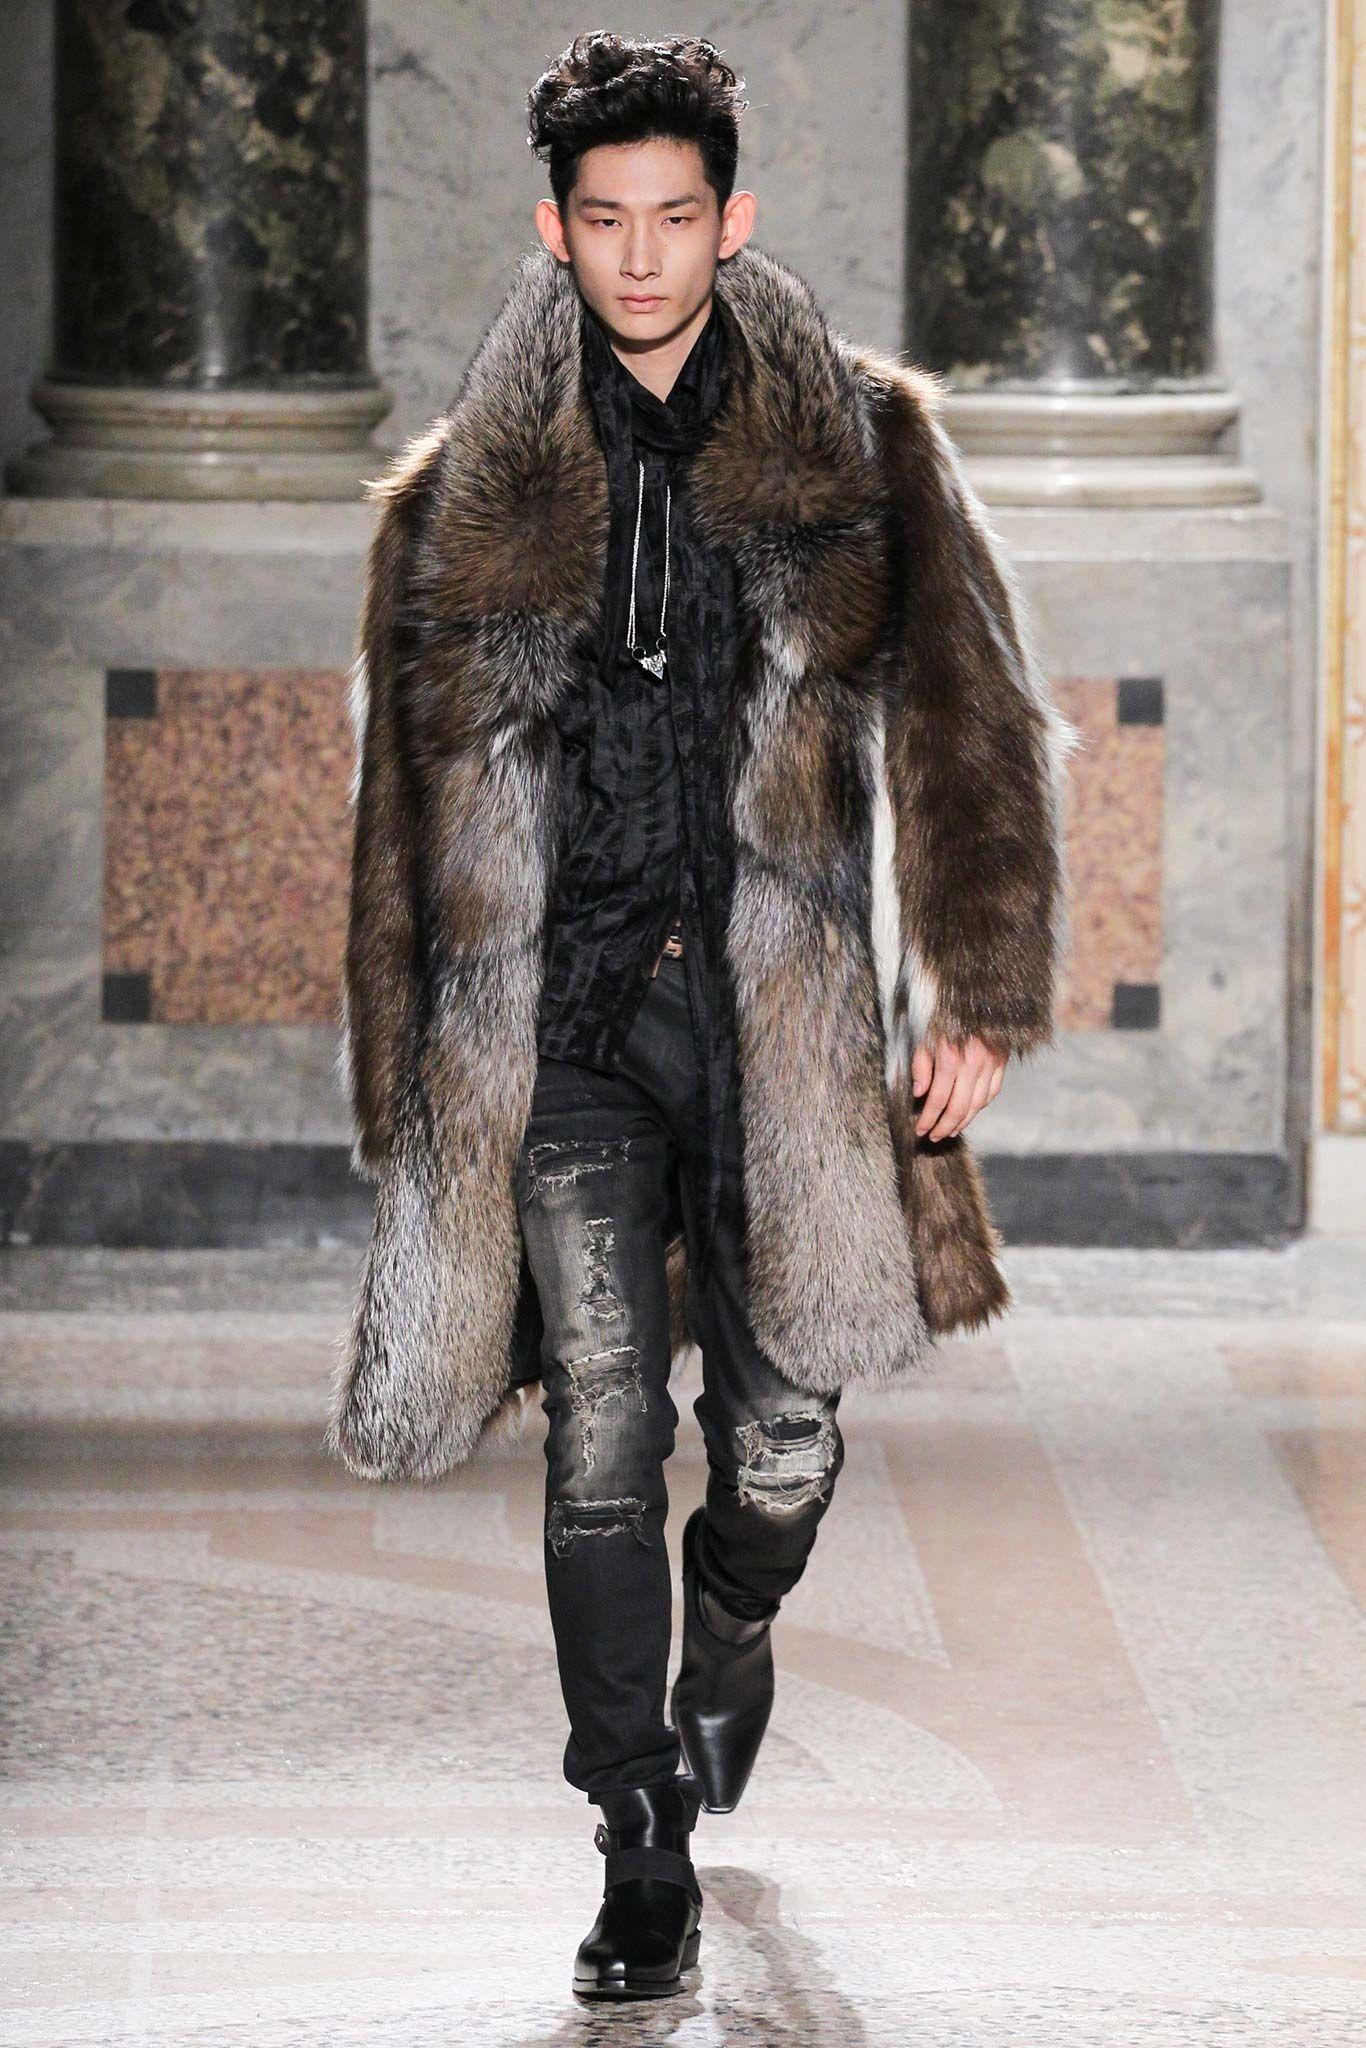 cbf17520e8a Roberto Cavalli Fall 2015 Menswear Fashion Show in 2019